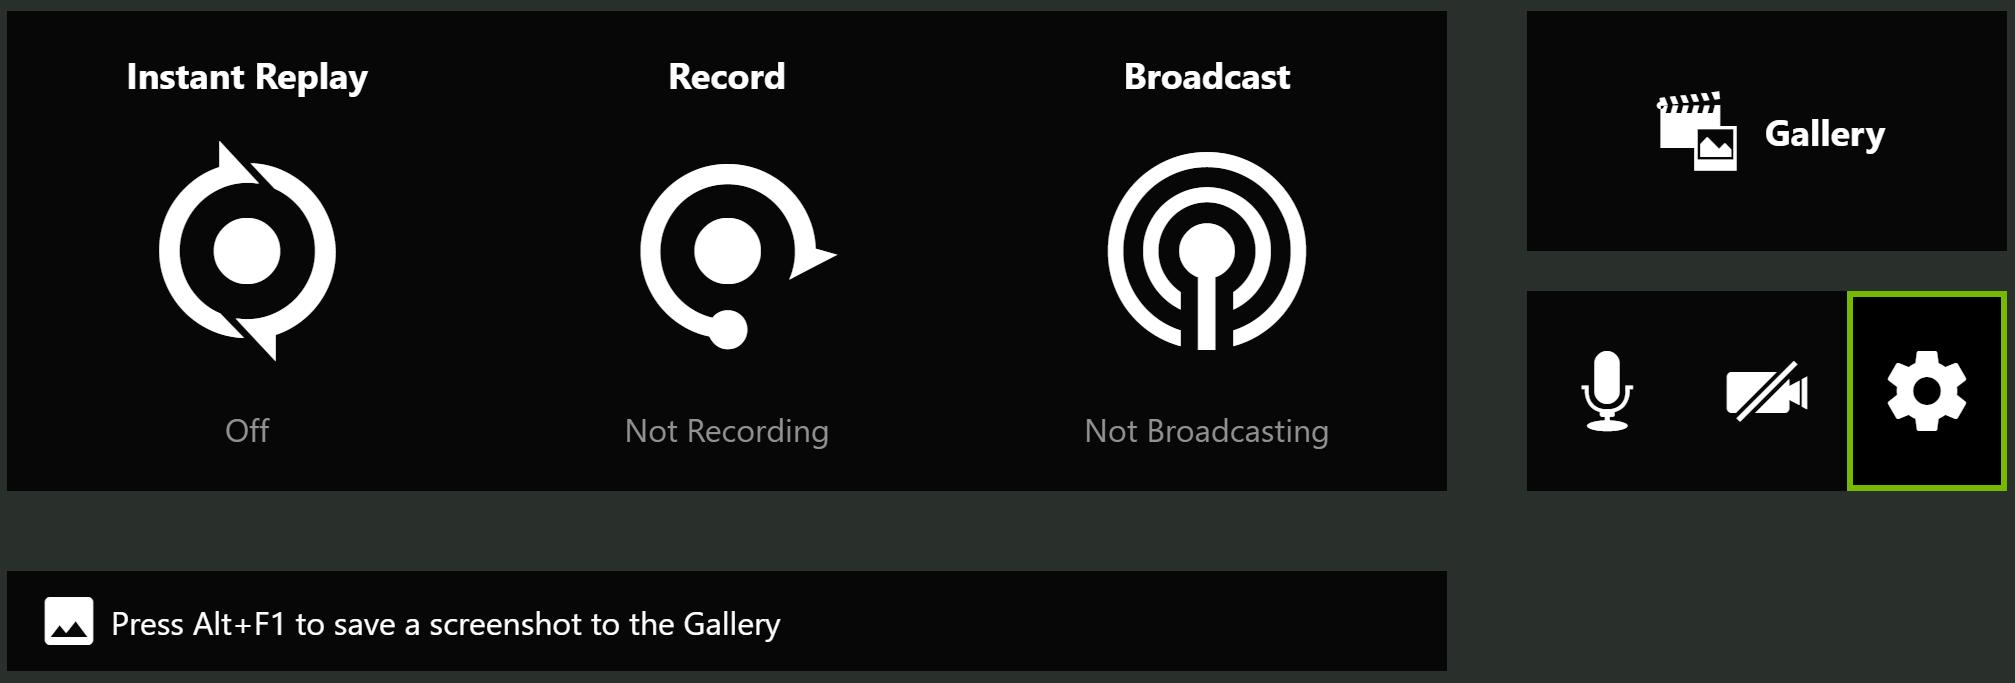 GeForce Experience: Broadcasting Tutorial | GeForce